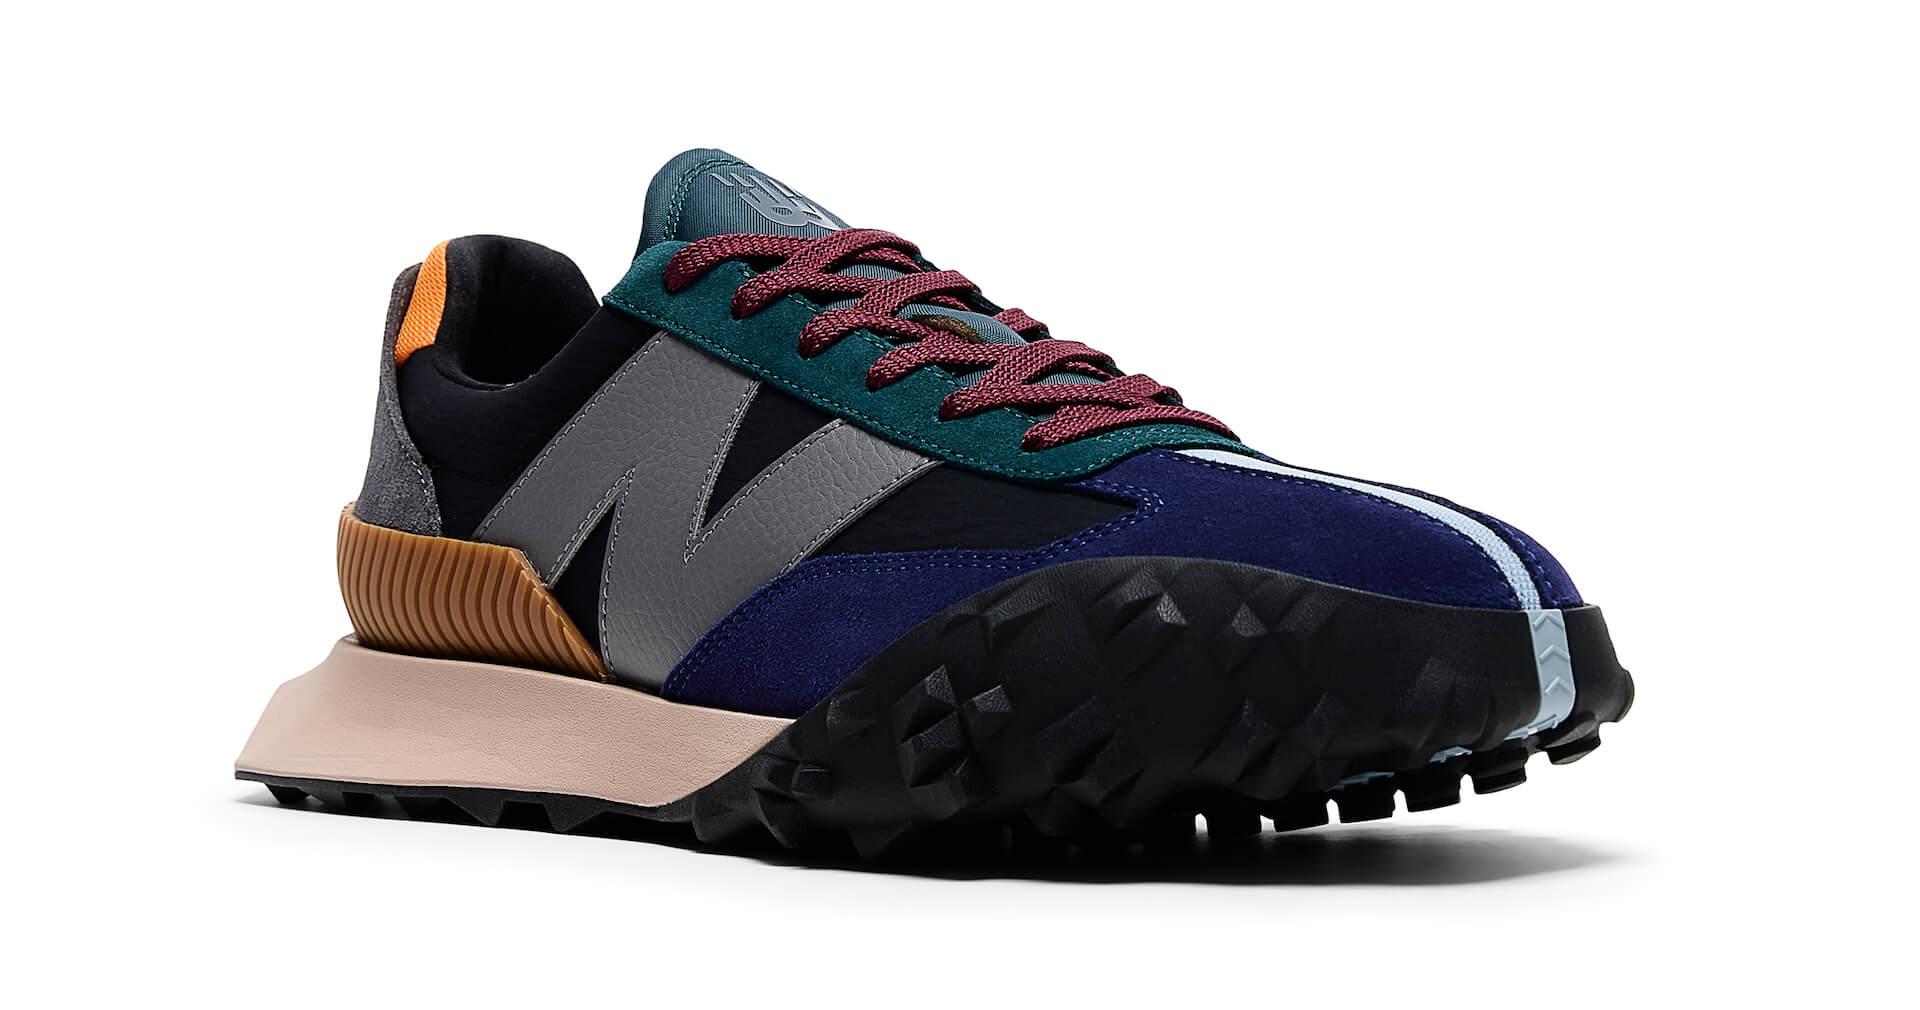 ニューバランスの大人気モデル「XC-72」に秋にぴったりの新カラー2色が登場!グレイベージュ&グリーンがラインナップ life210924_newbalance_xc72_7